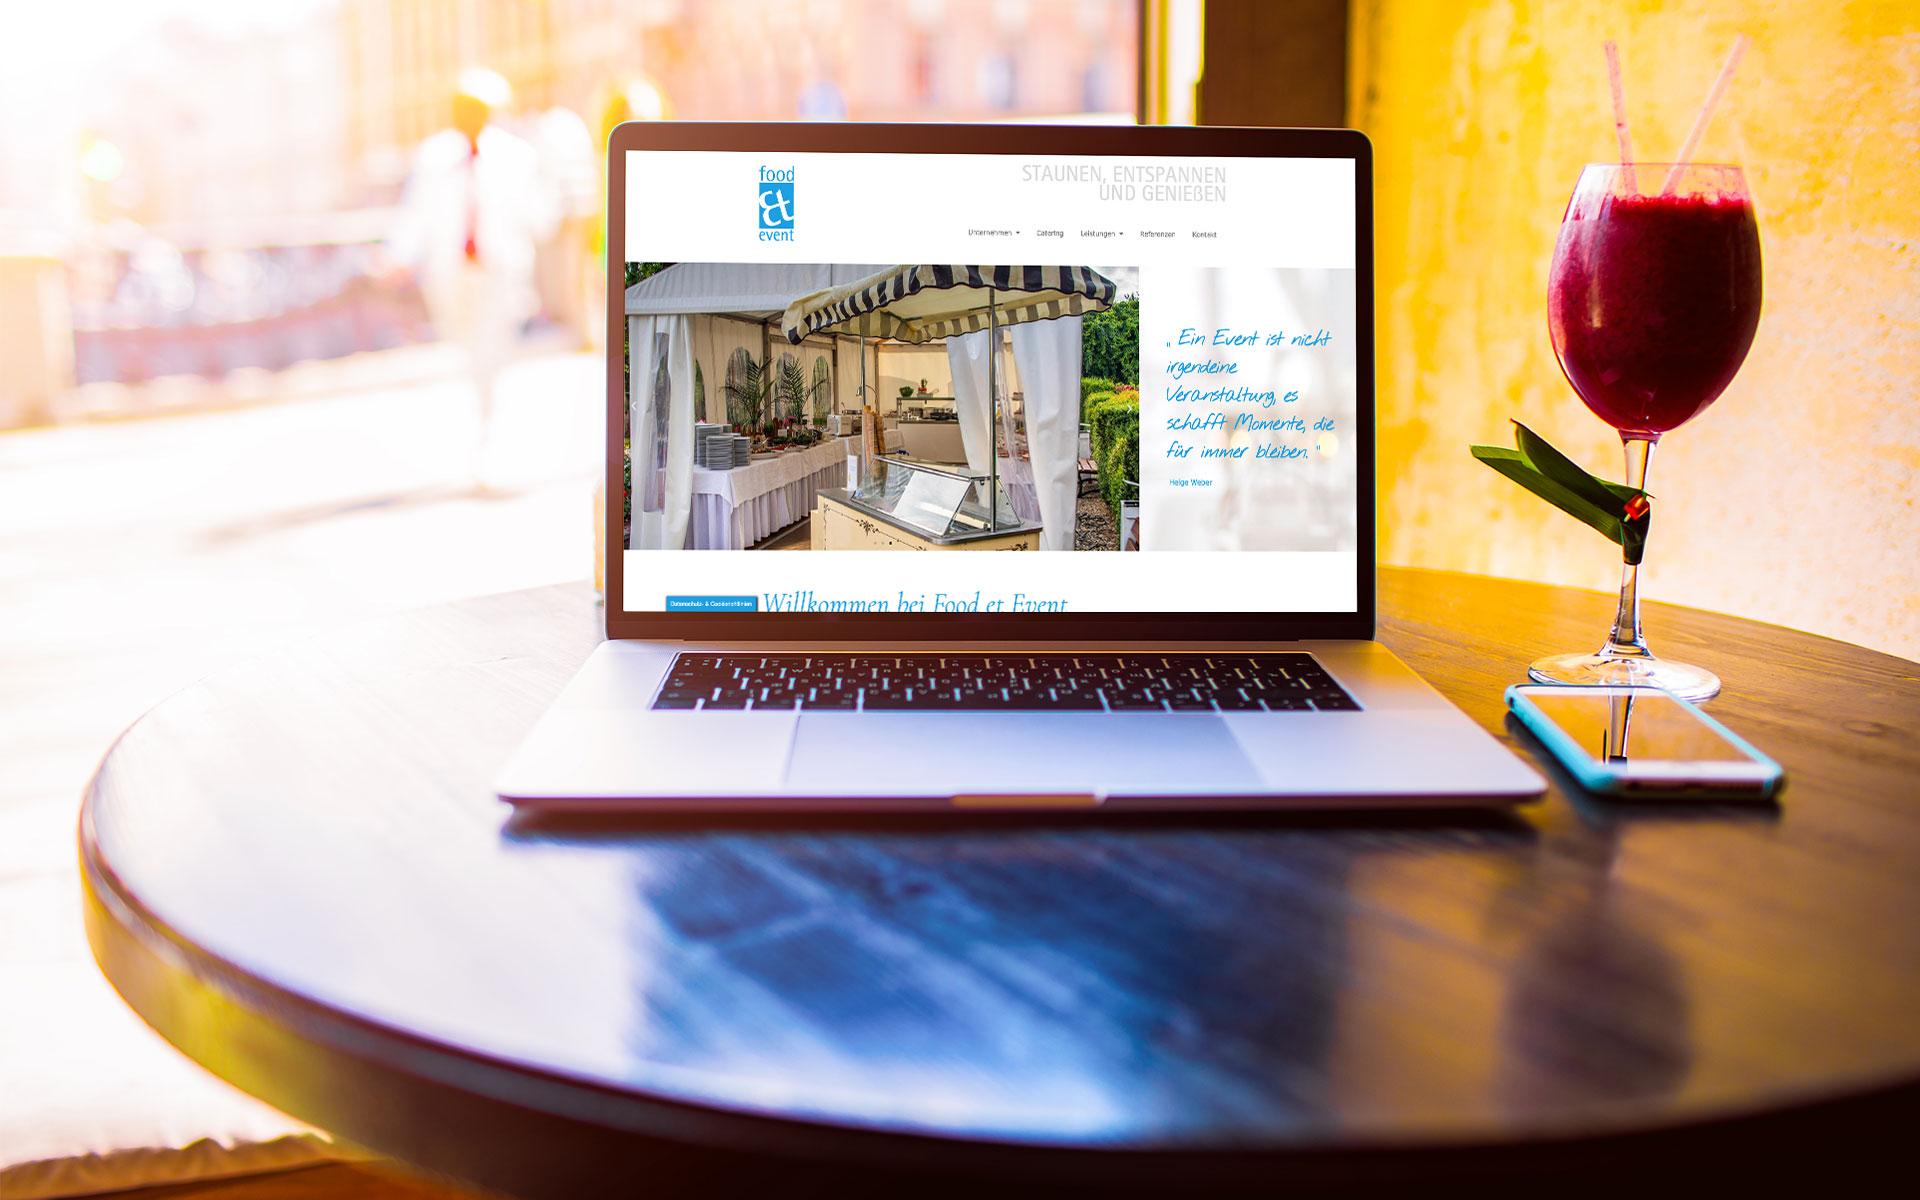 Webdesign für Food et Event